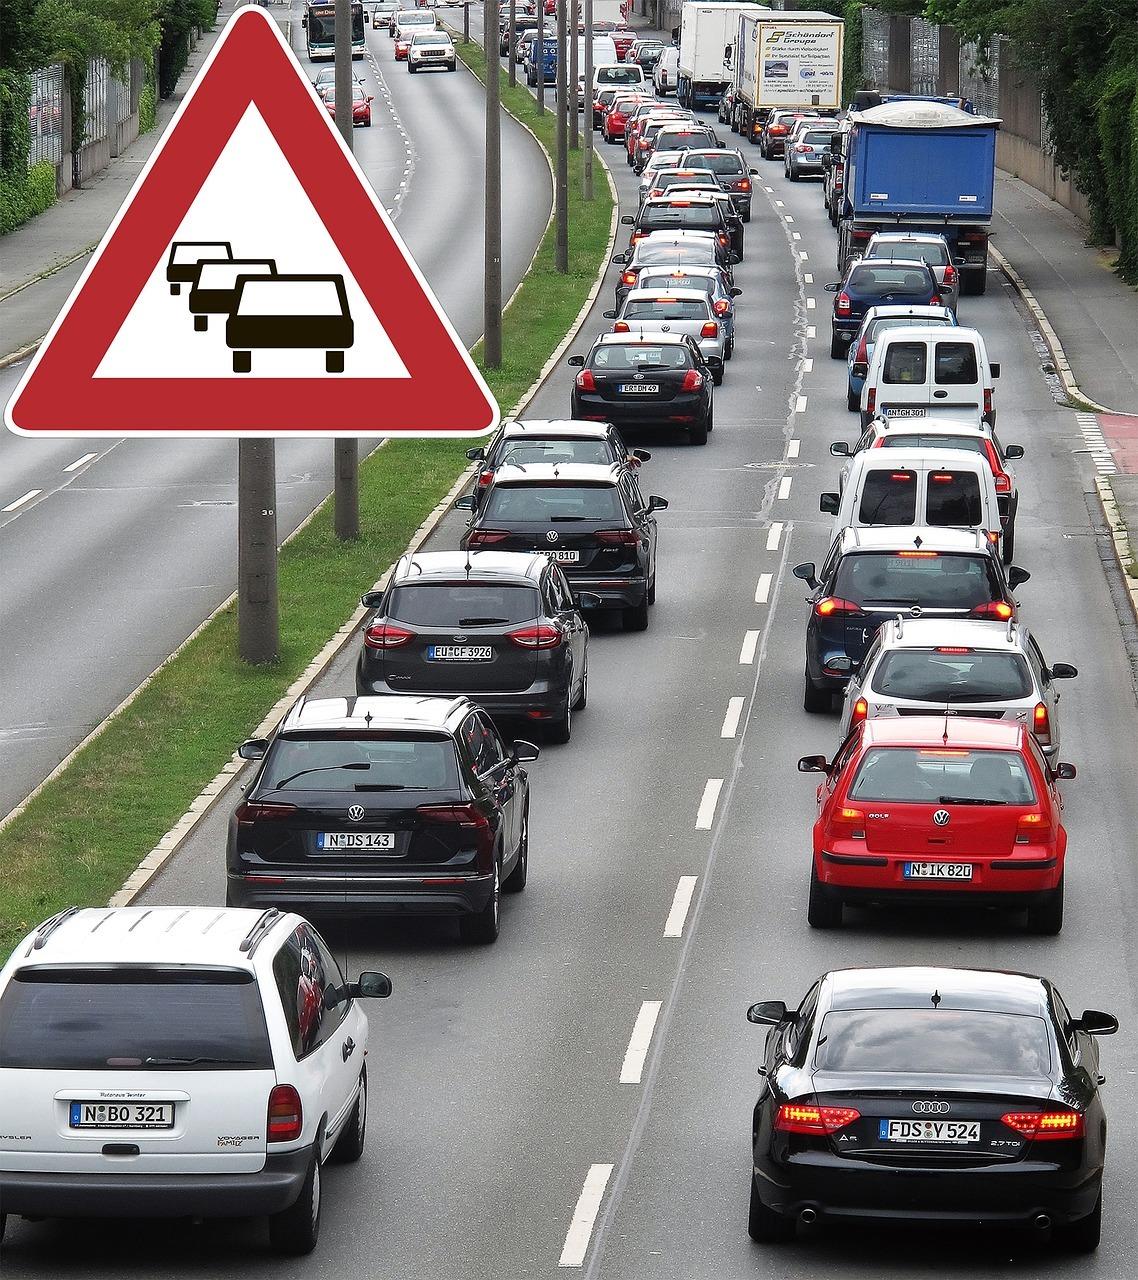 Straßenverkehr verursacht eine hohe Feinstaubbelastungen in Städten